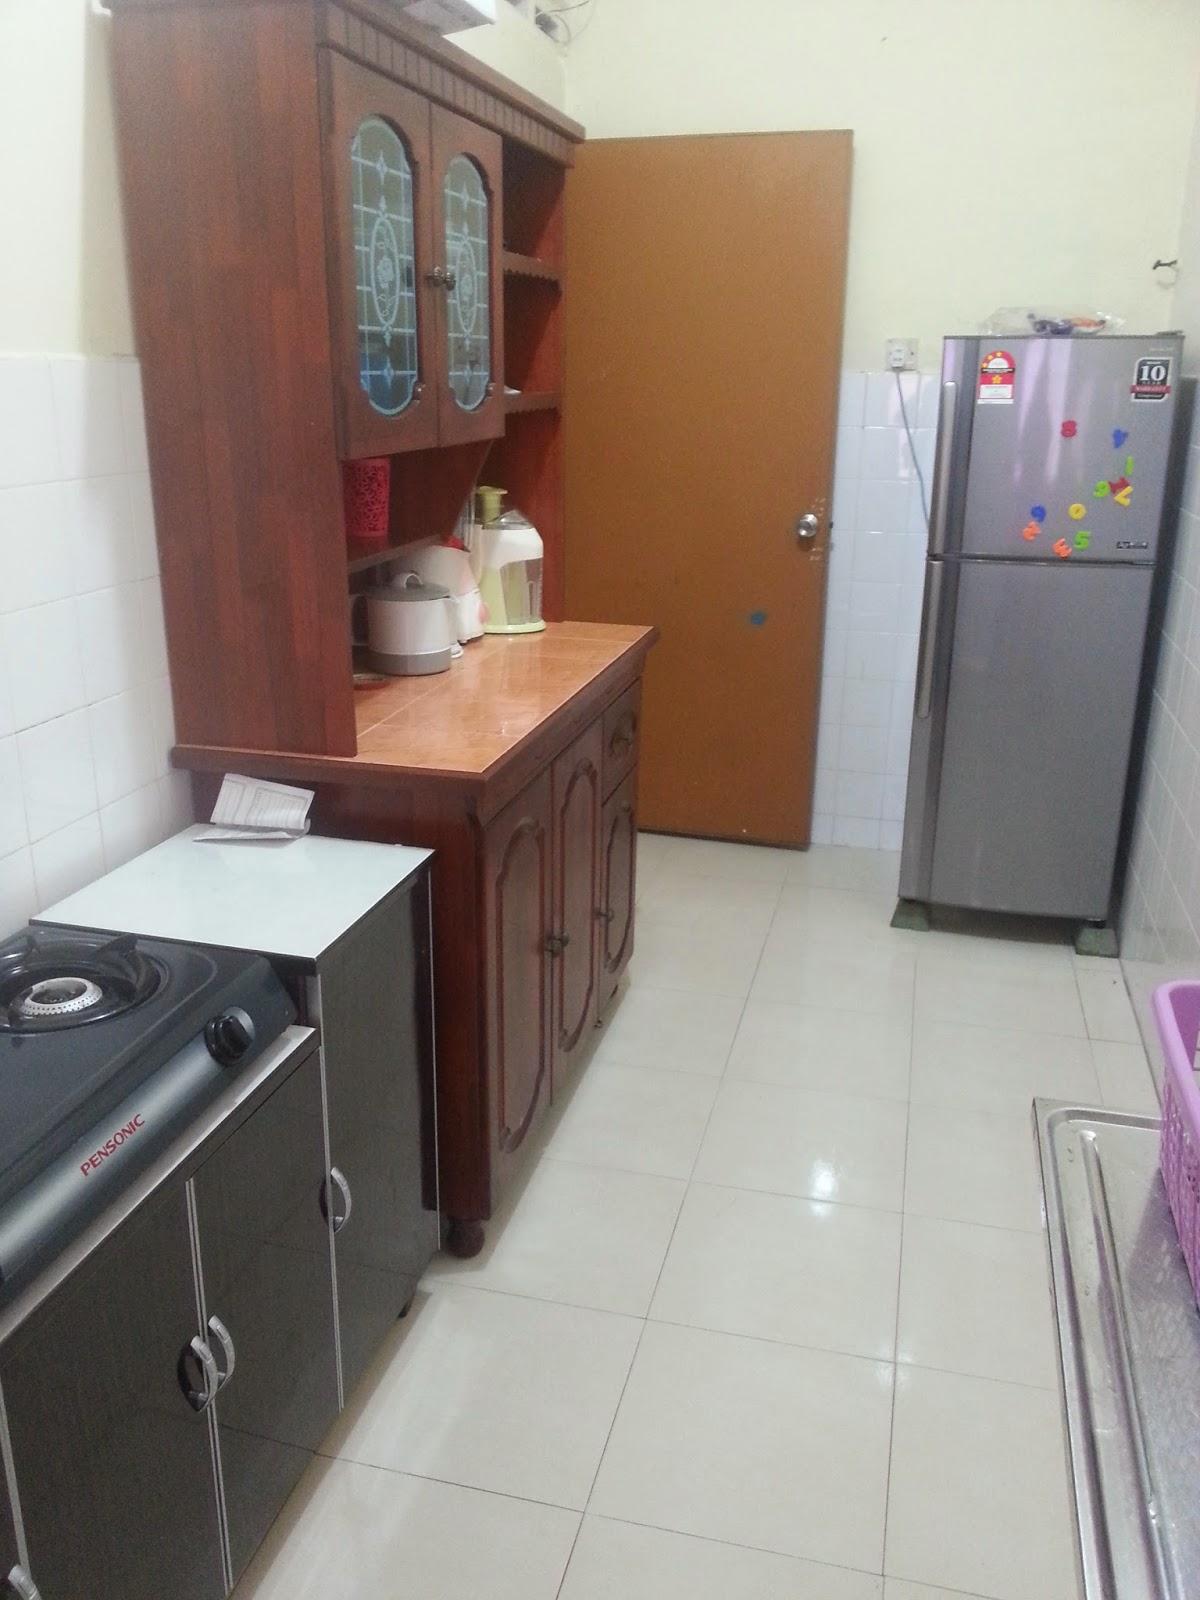 Dapur Kecil Je Muat La Nak Letak Yang Asas Gas Pinggan Mangkuk Semua Dah Ada Periuk Kuali Cerek Tak Da Lagi Haha